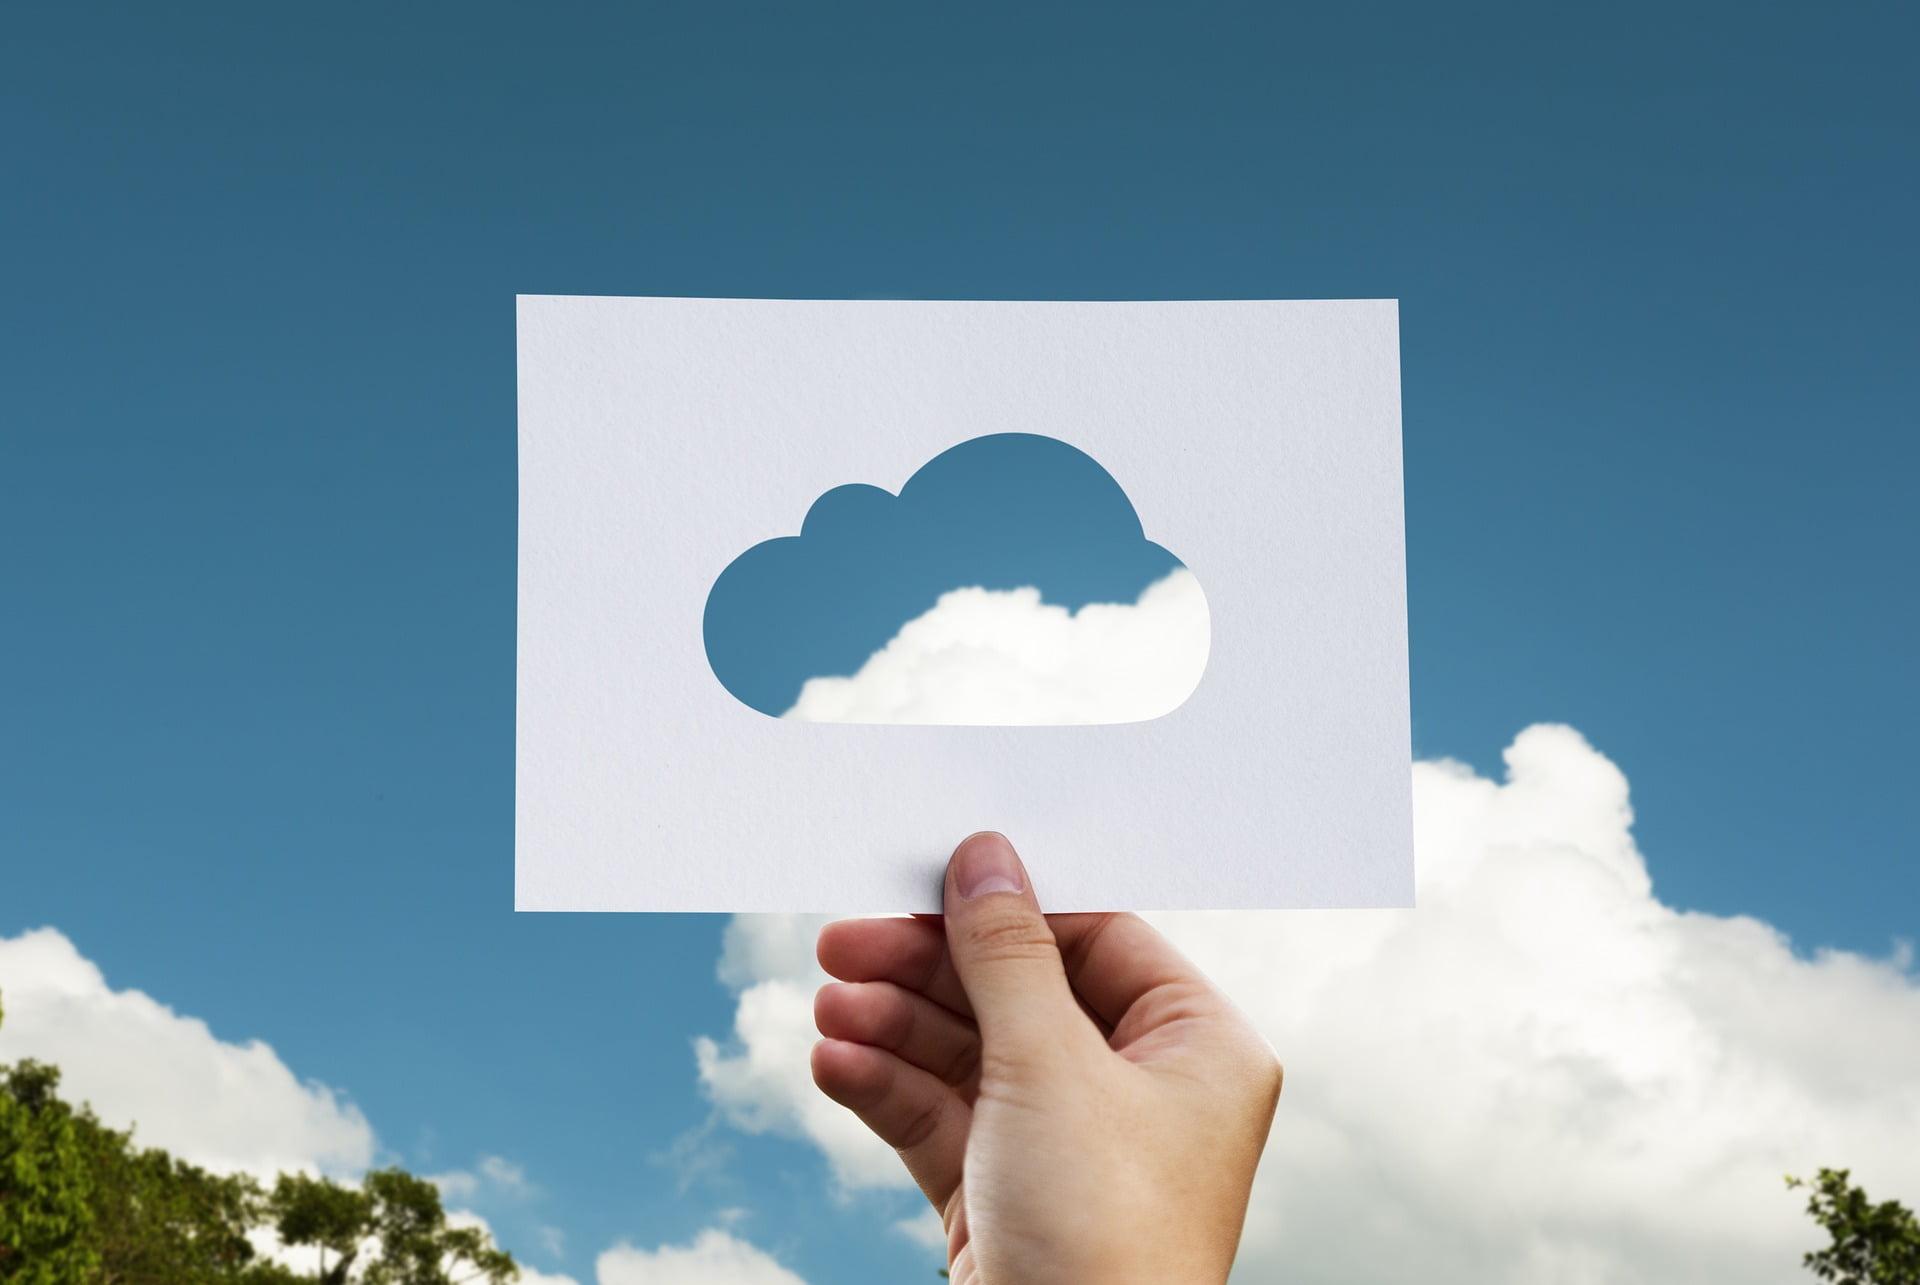 Servicios de seguridad en la nube